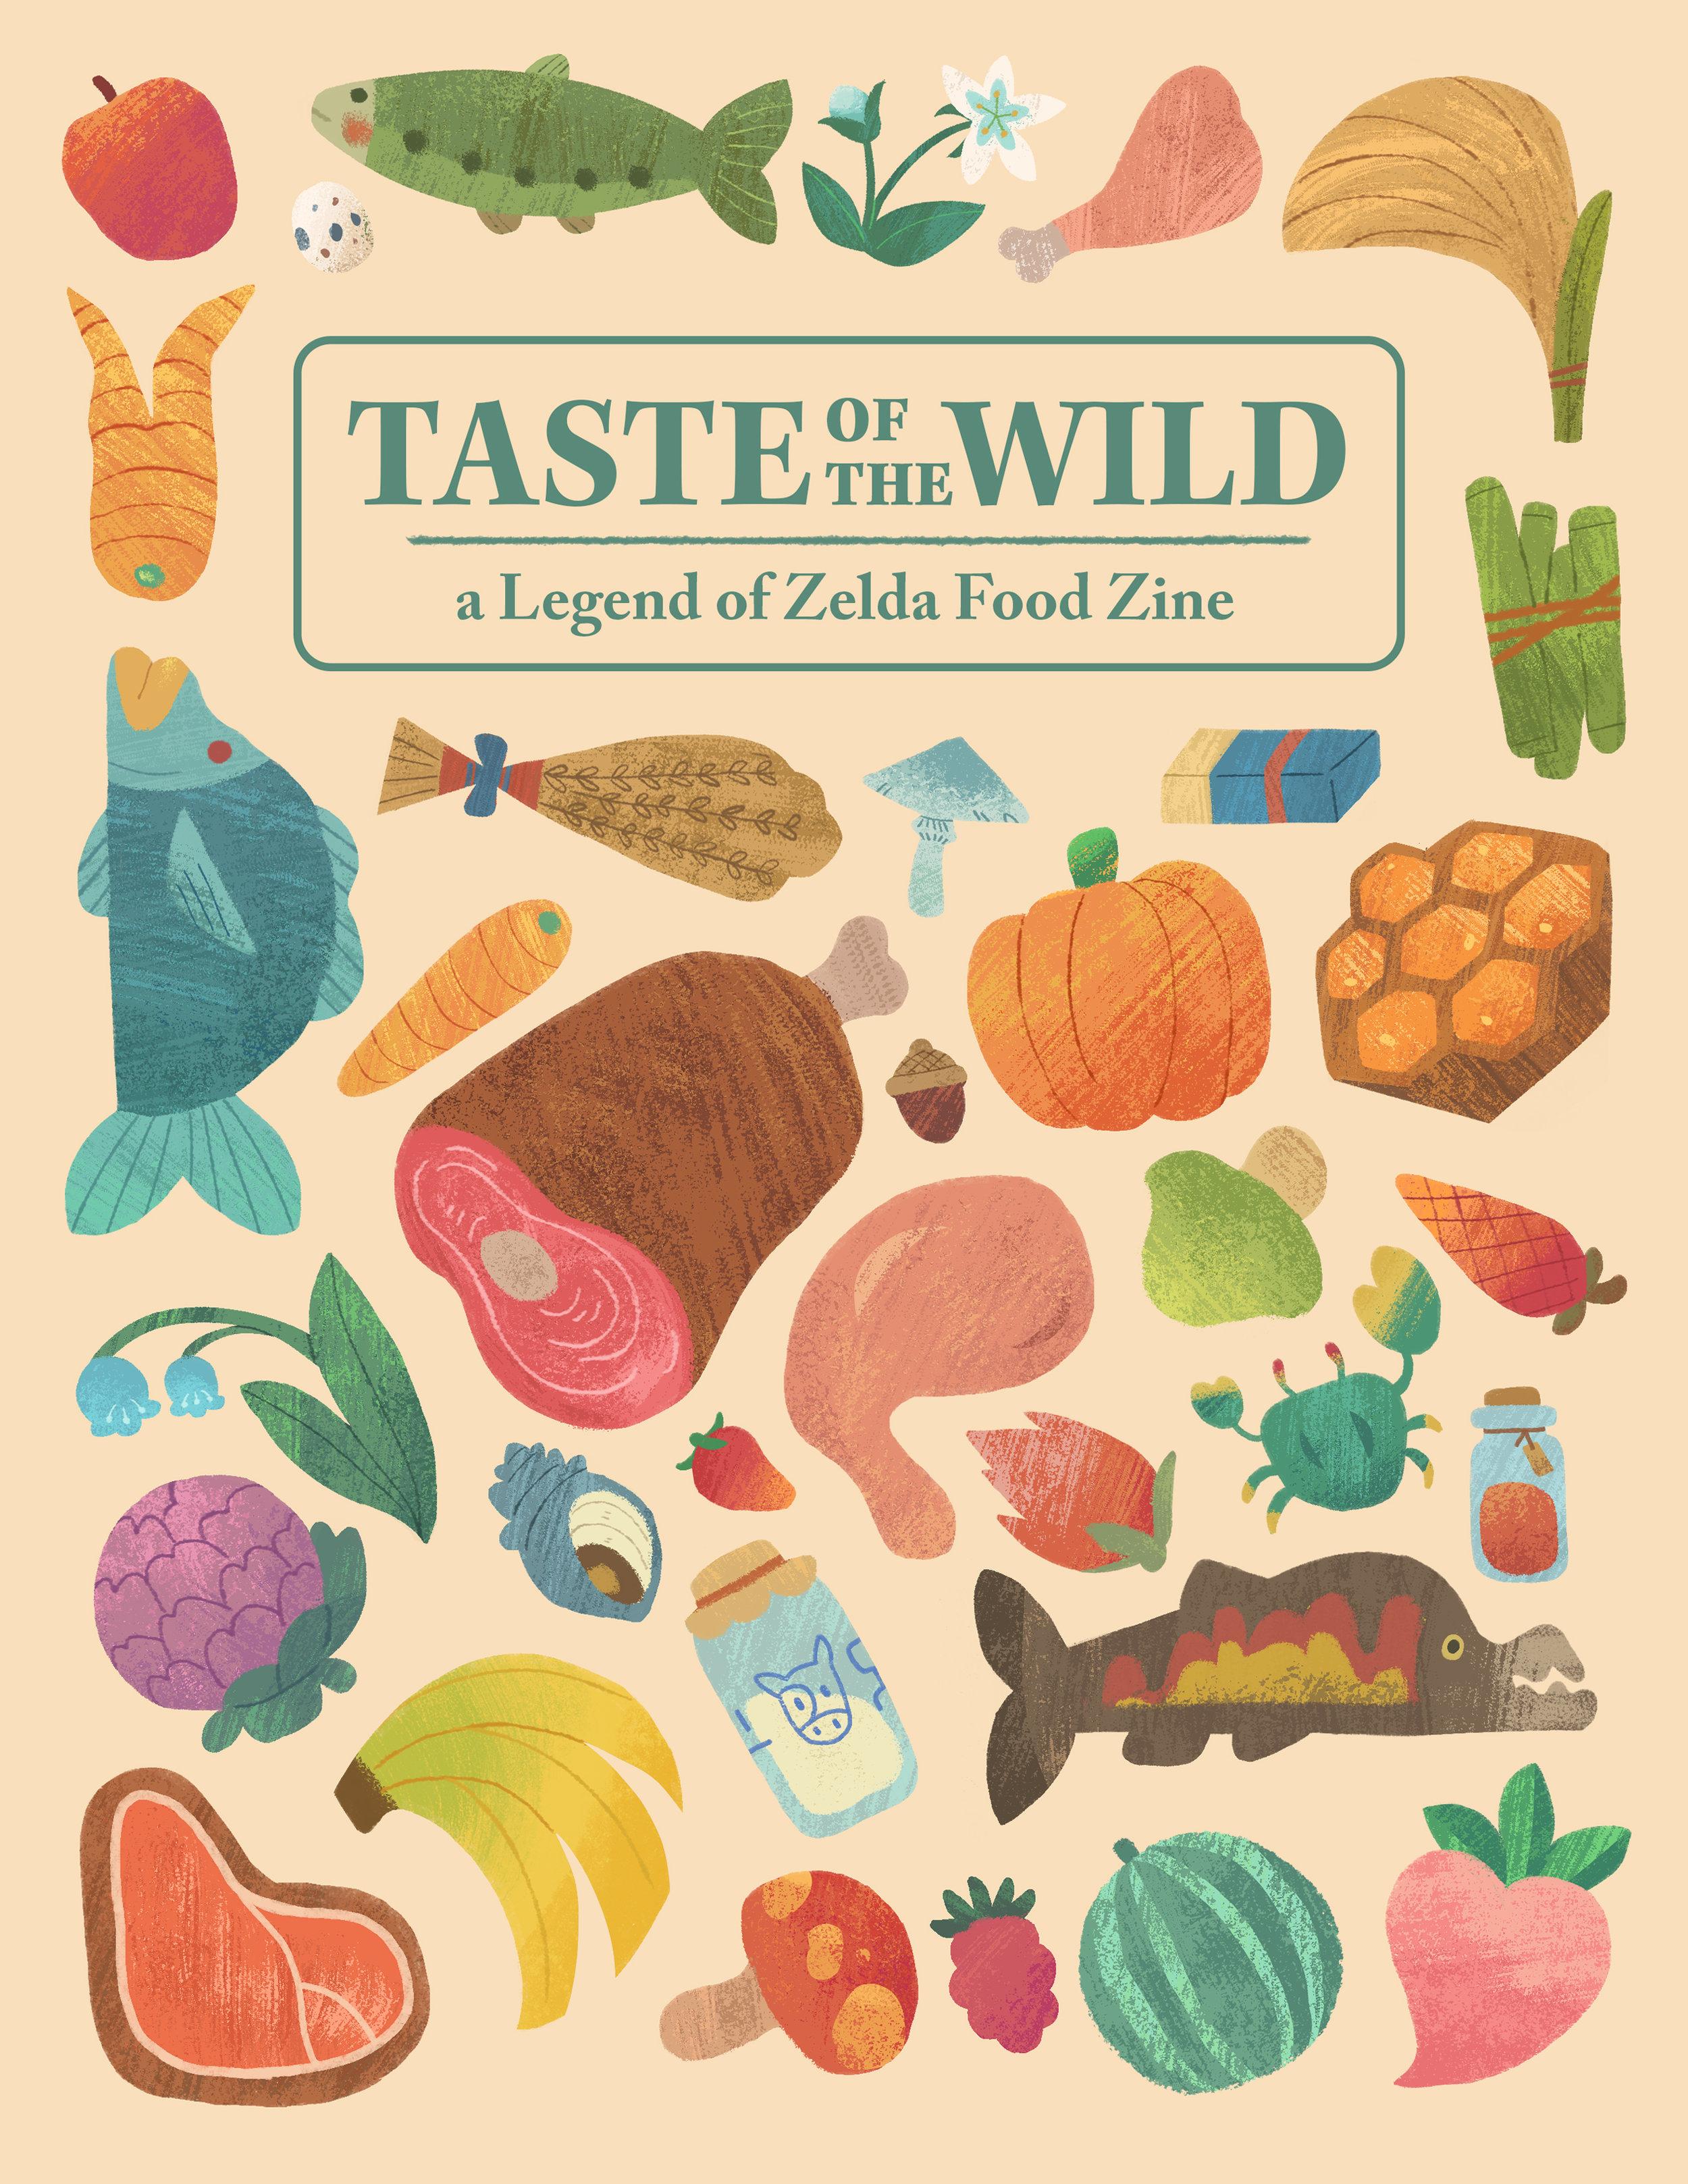 taste of the wild cover.jpg